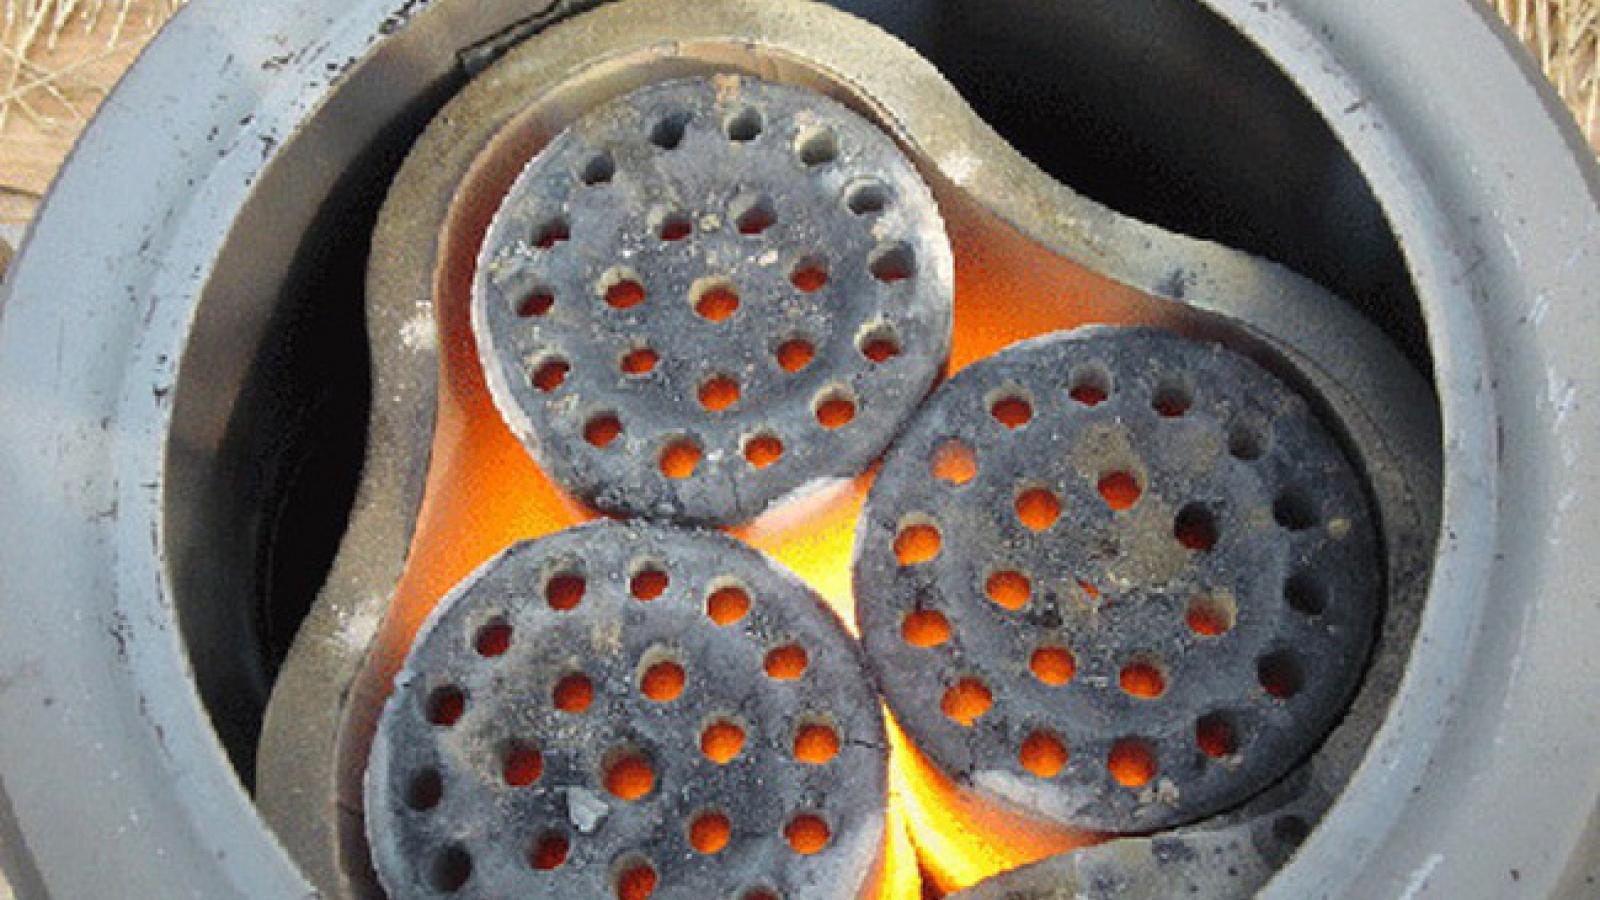 Đã đến thời điểm phải loại bỏ bếp than tổ ong